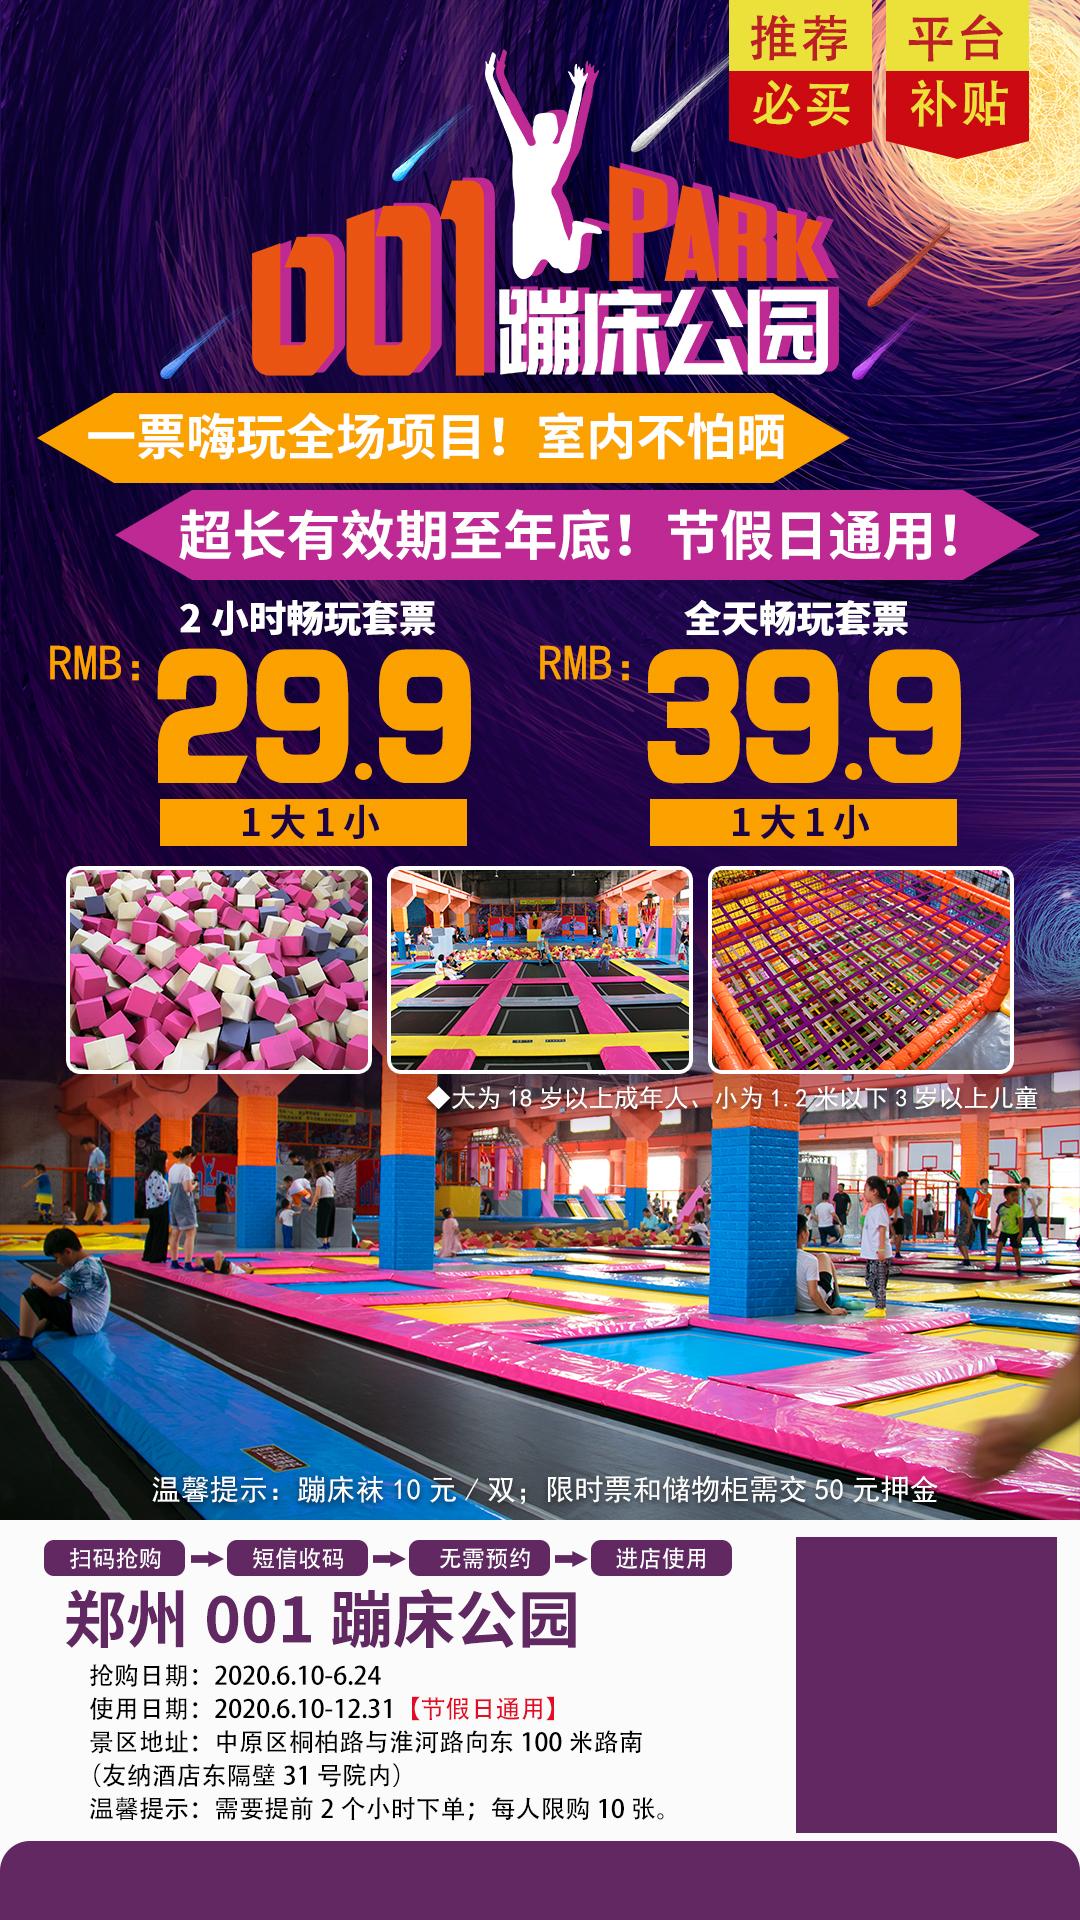 郑州001蹦床公园2020年盛大开园!全天畅玩仅需39.9(一大一小)